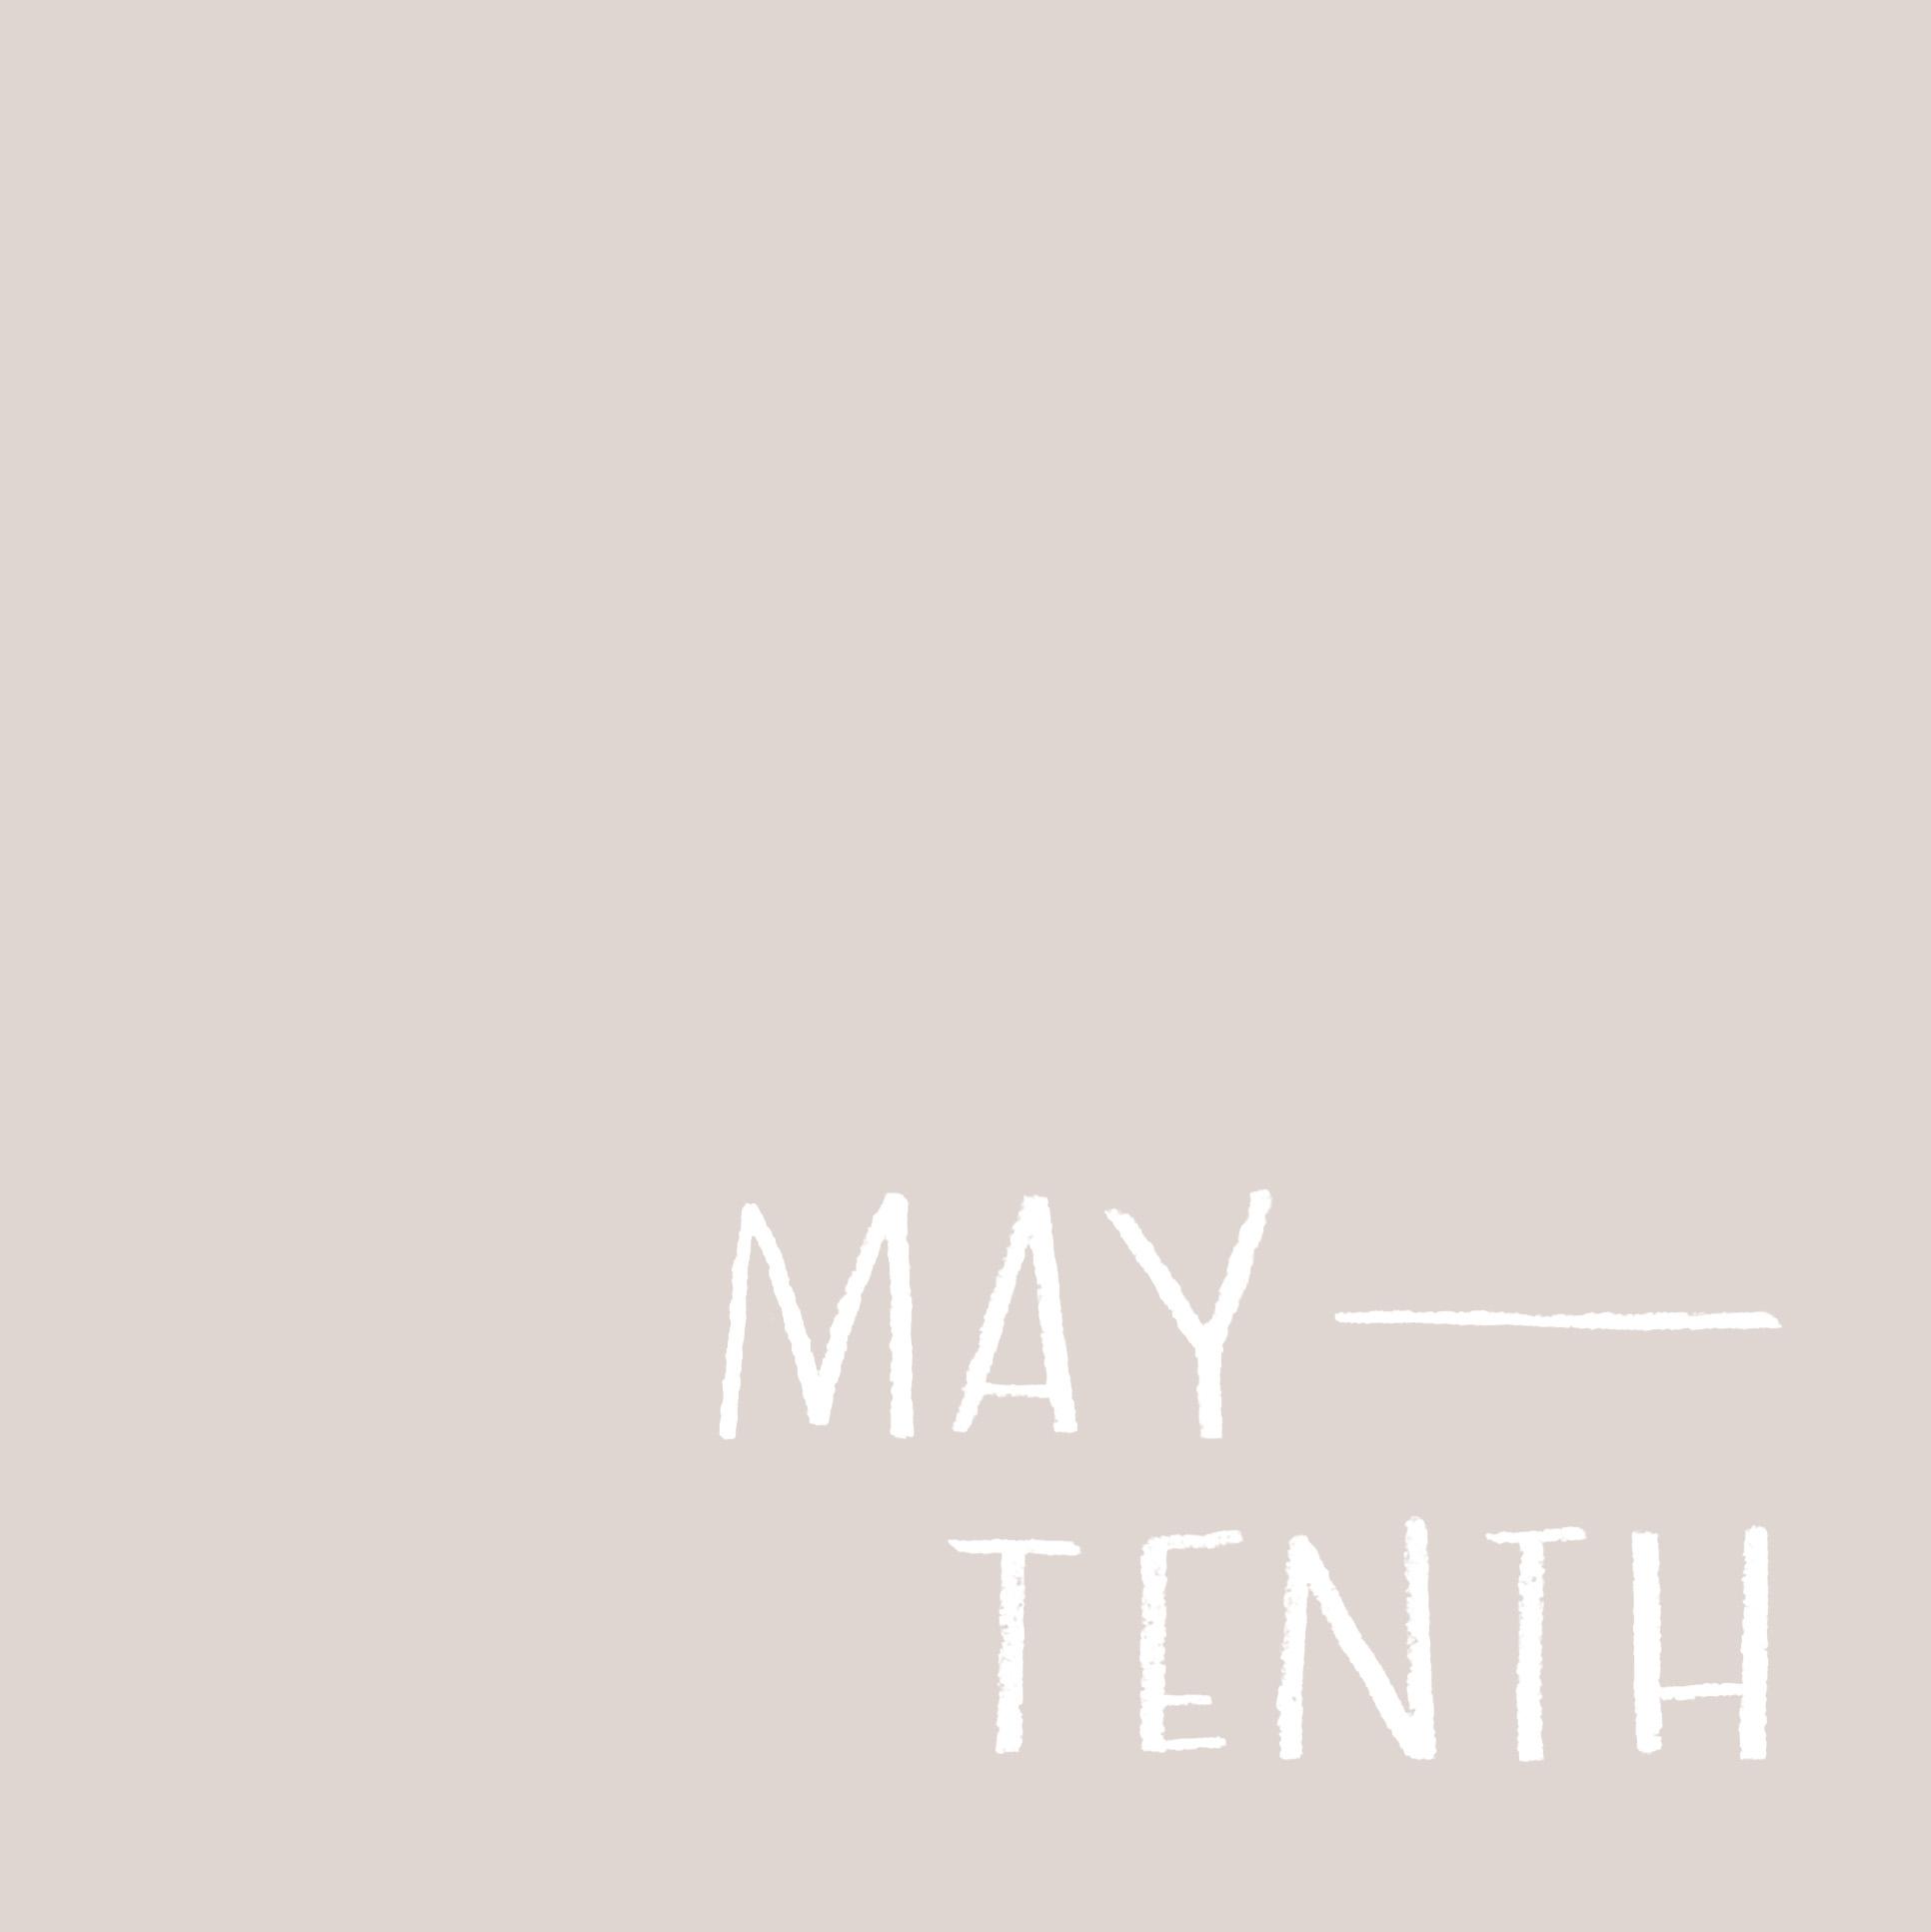 may10_v2.jpg